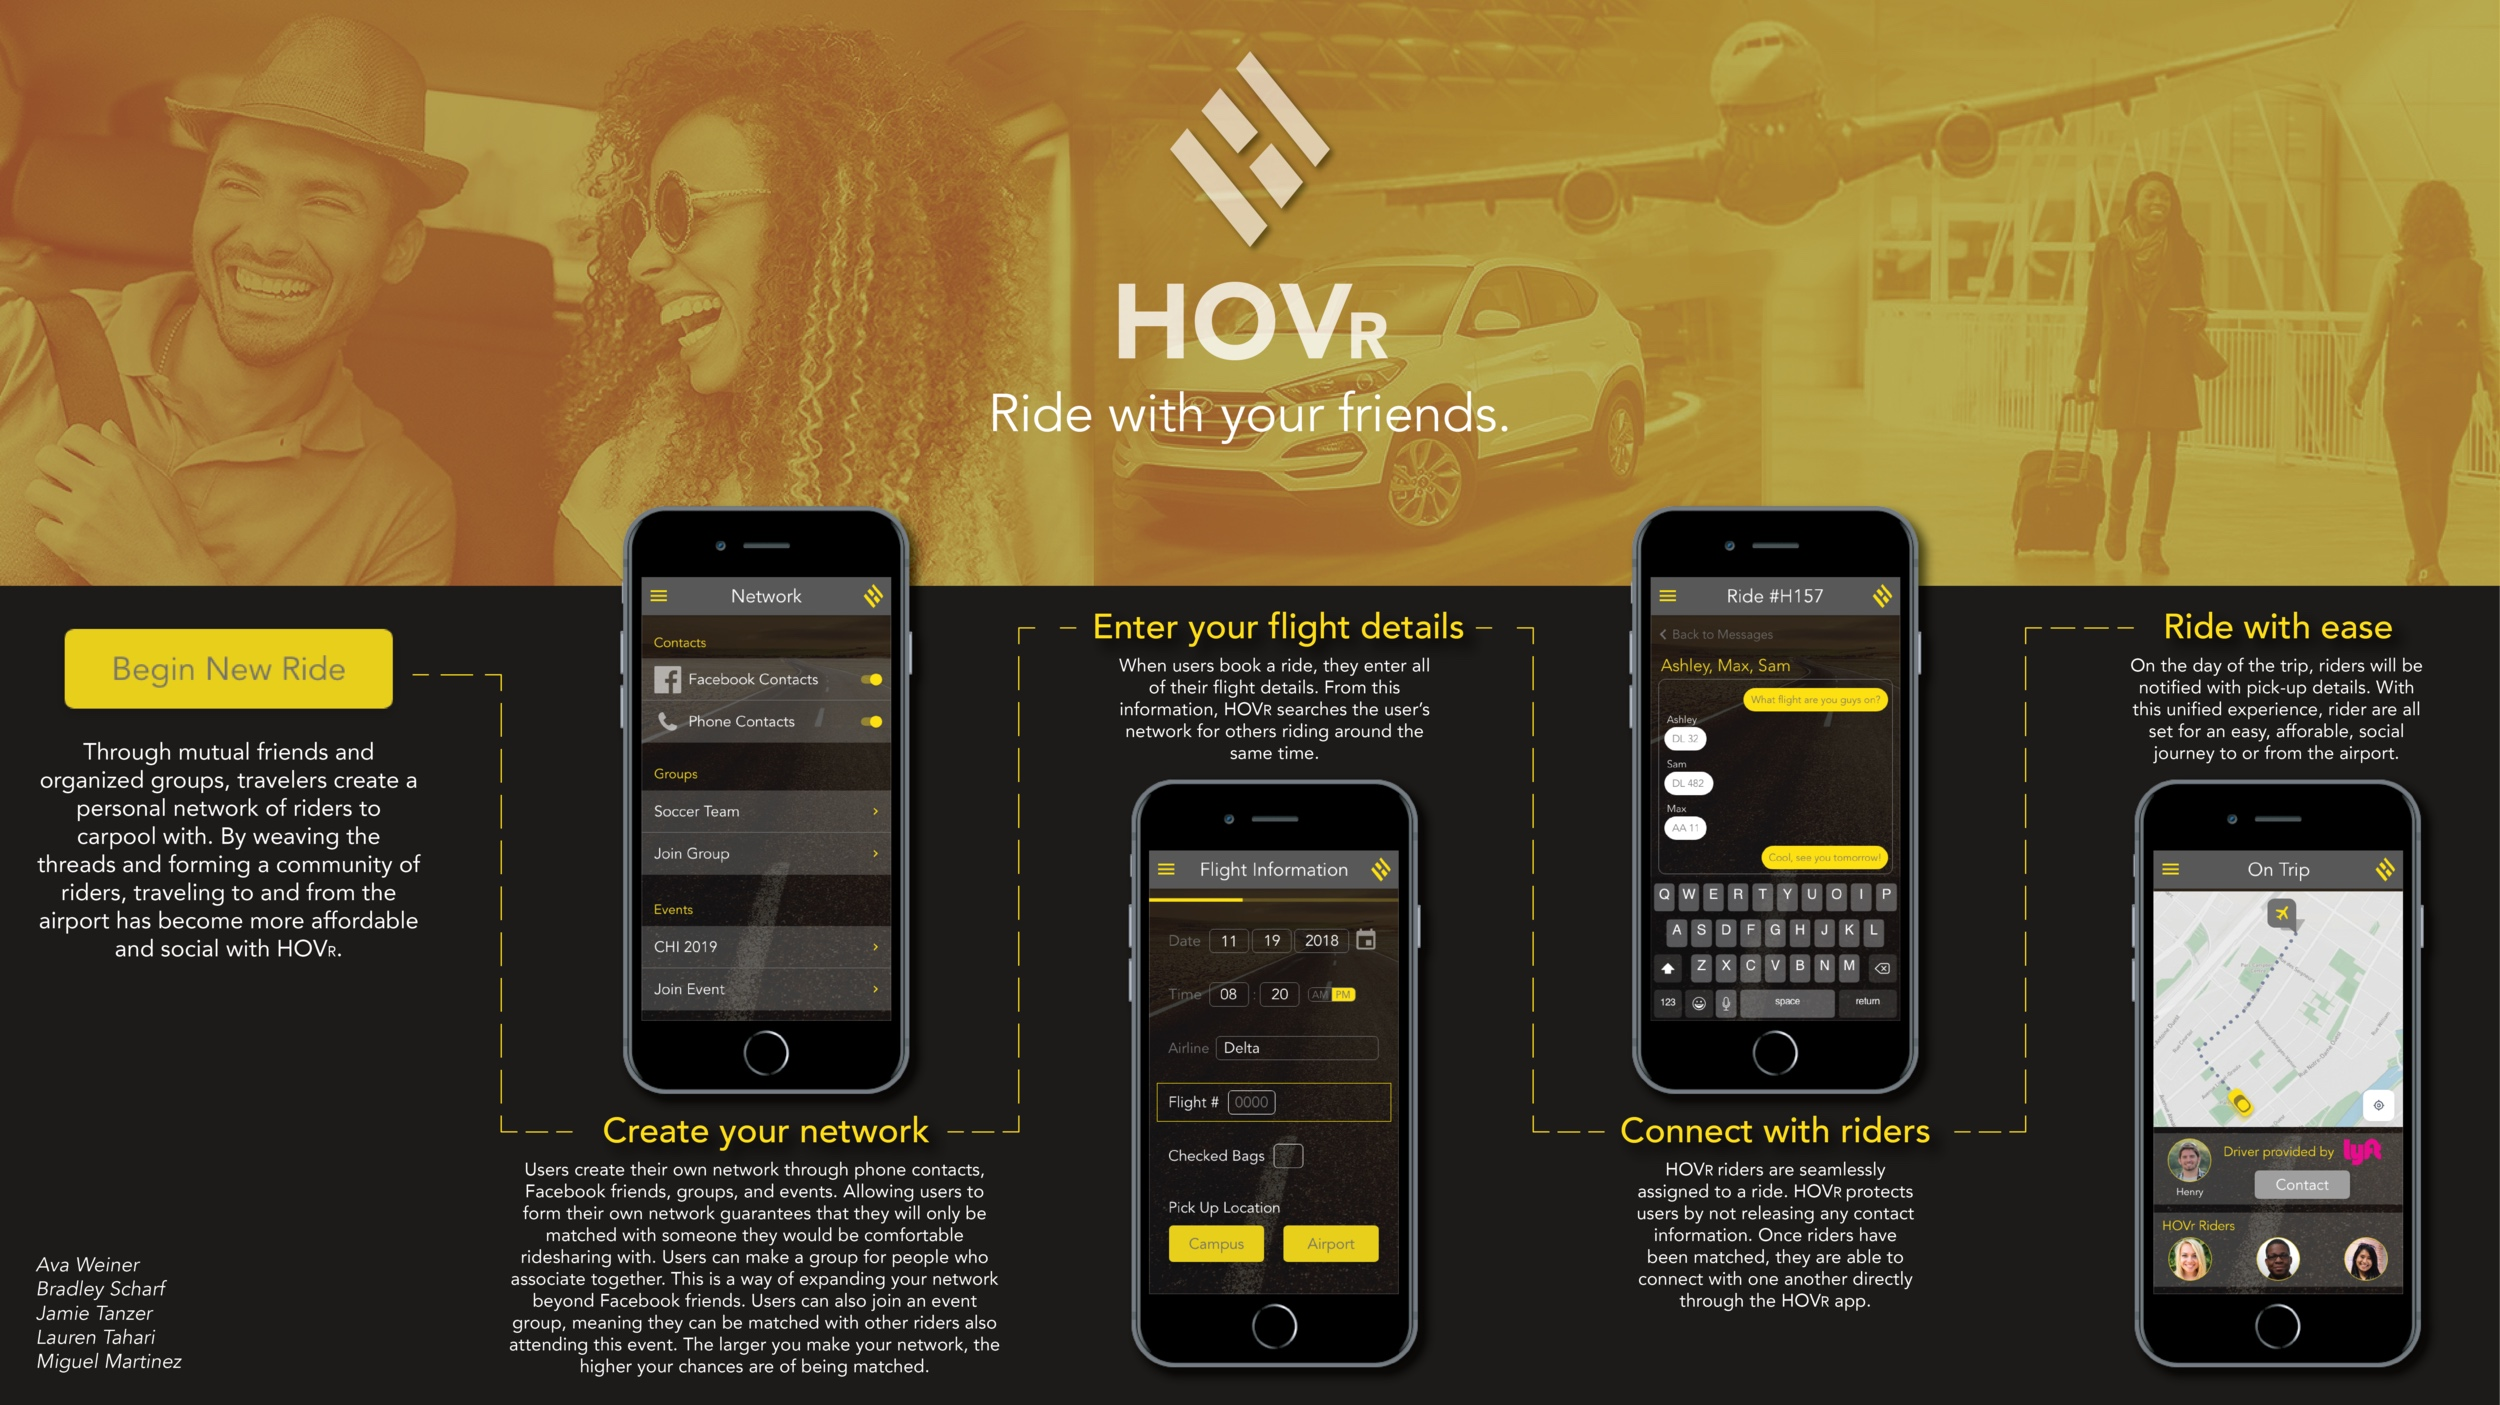 HOVr_slide-01.png